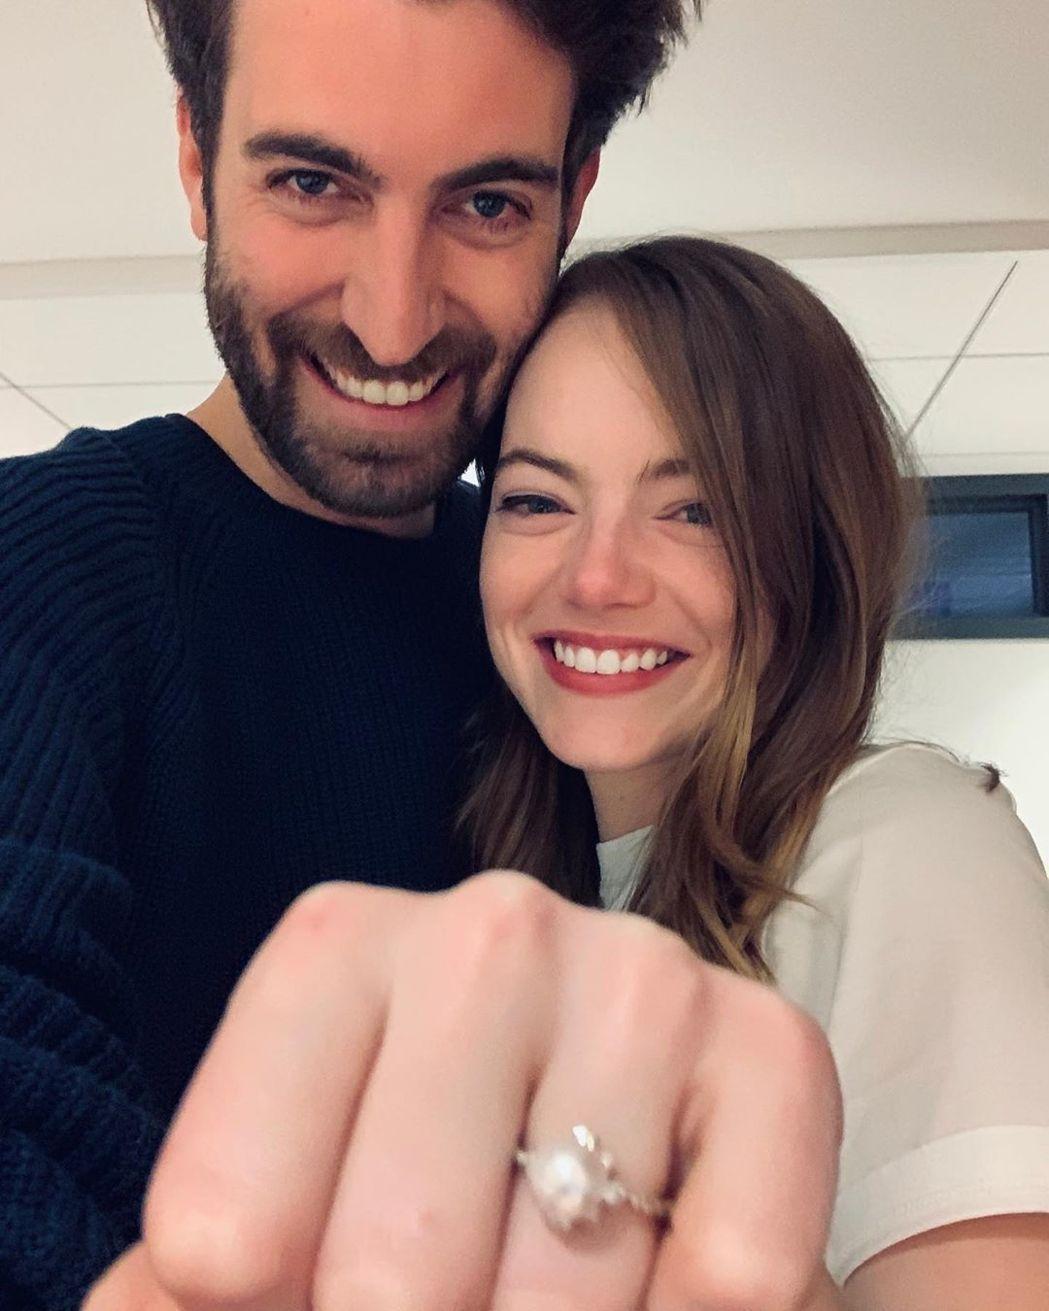 艾瑪史東與未婚夫戴維麥卡瑞因疫情影響並未如期舉行婚禮。圖/摘自Instagram